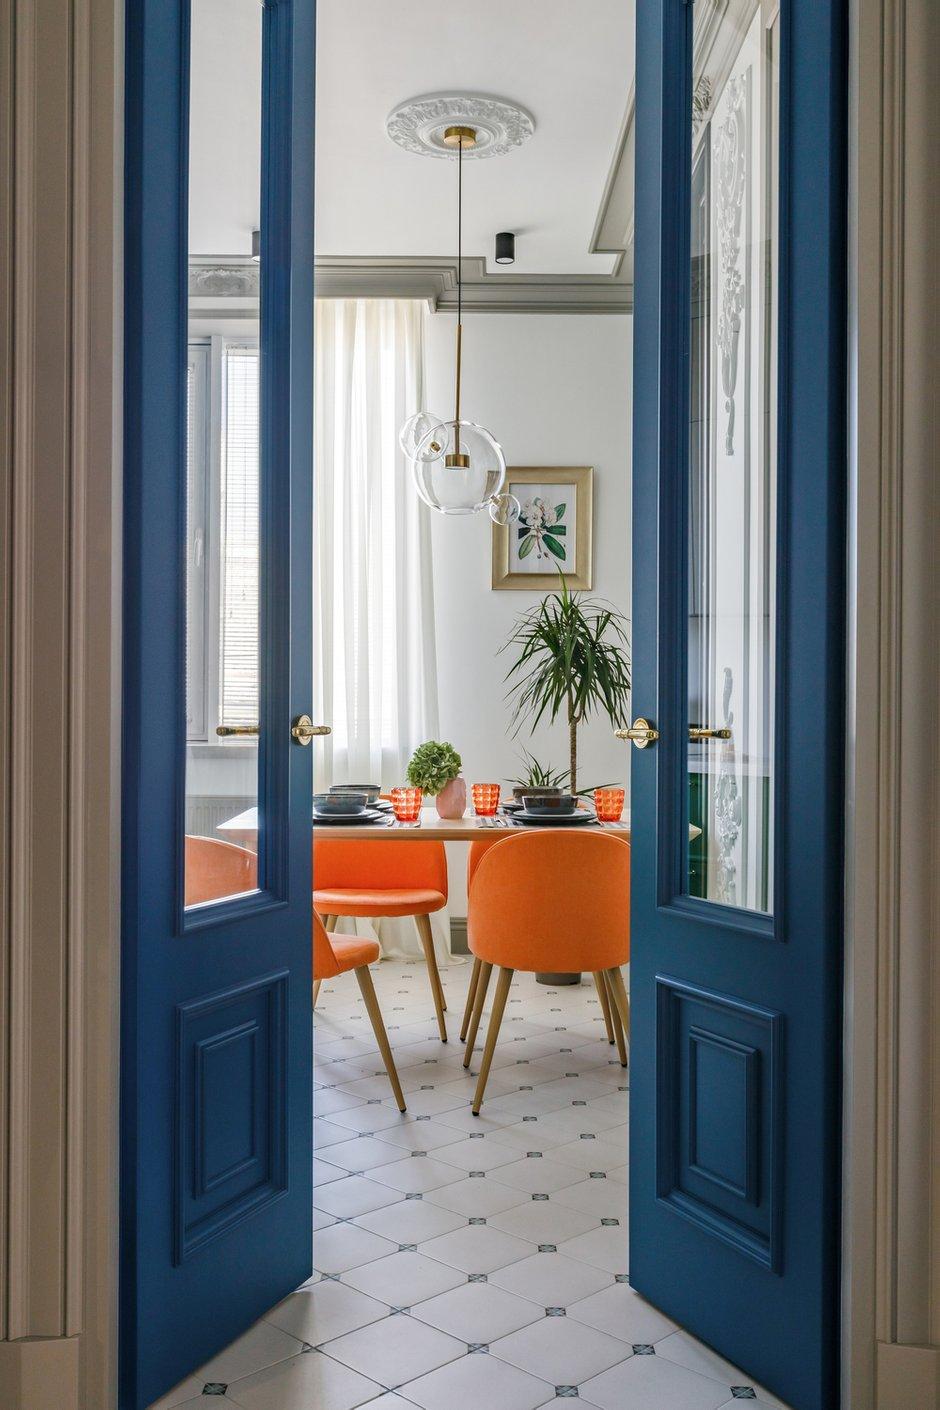 Фотография: Кухня и столовая в стиле Современный, Эклектика, Квартира, Проект недели, 3 комнаты, Более 90 метров, AK Studio, Нур-султан – фото на INMYROOM